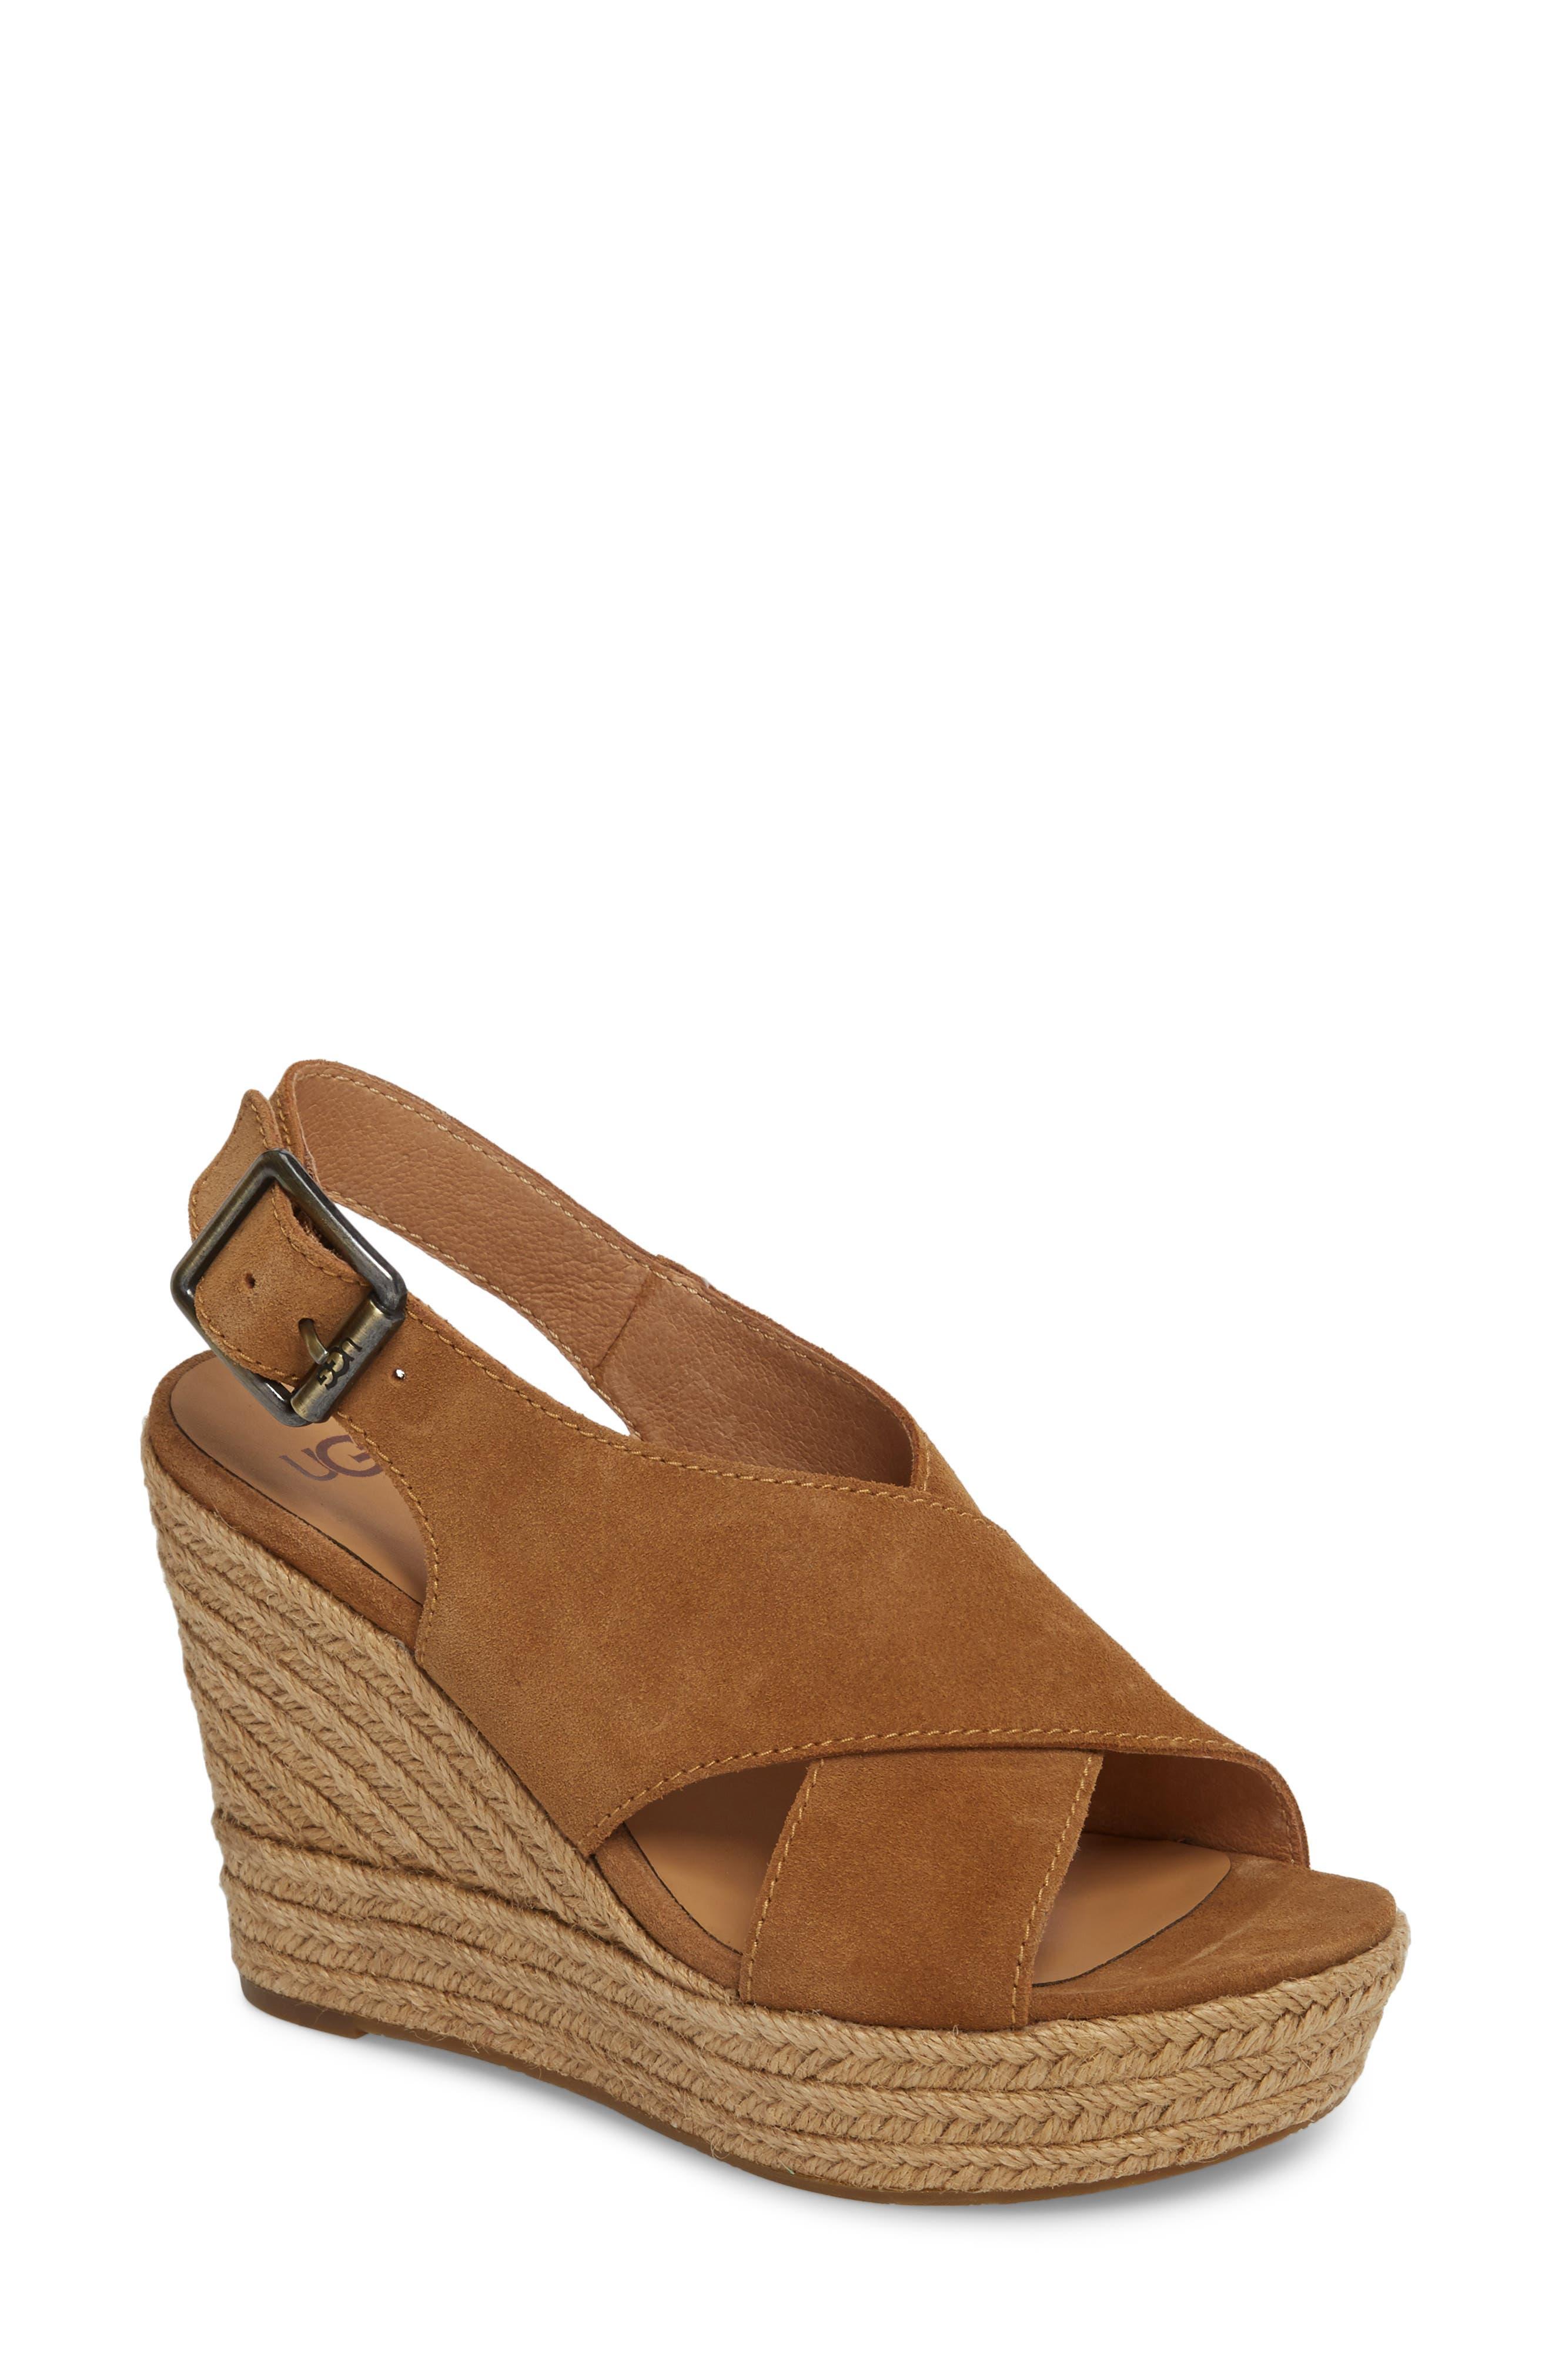 Harlow Platform Wedge Sandal,                         Main,                         color, CHESTNUT SUEDE